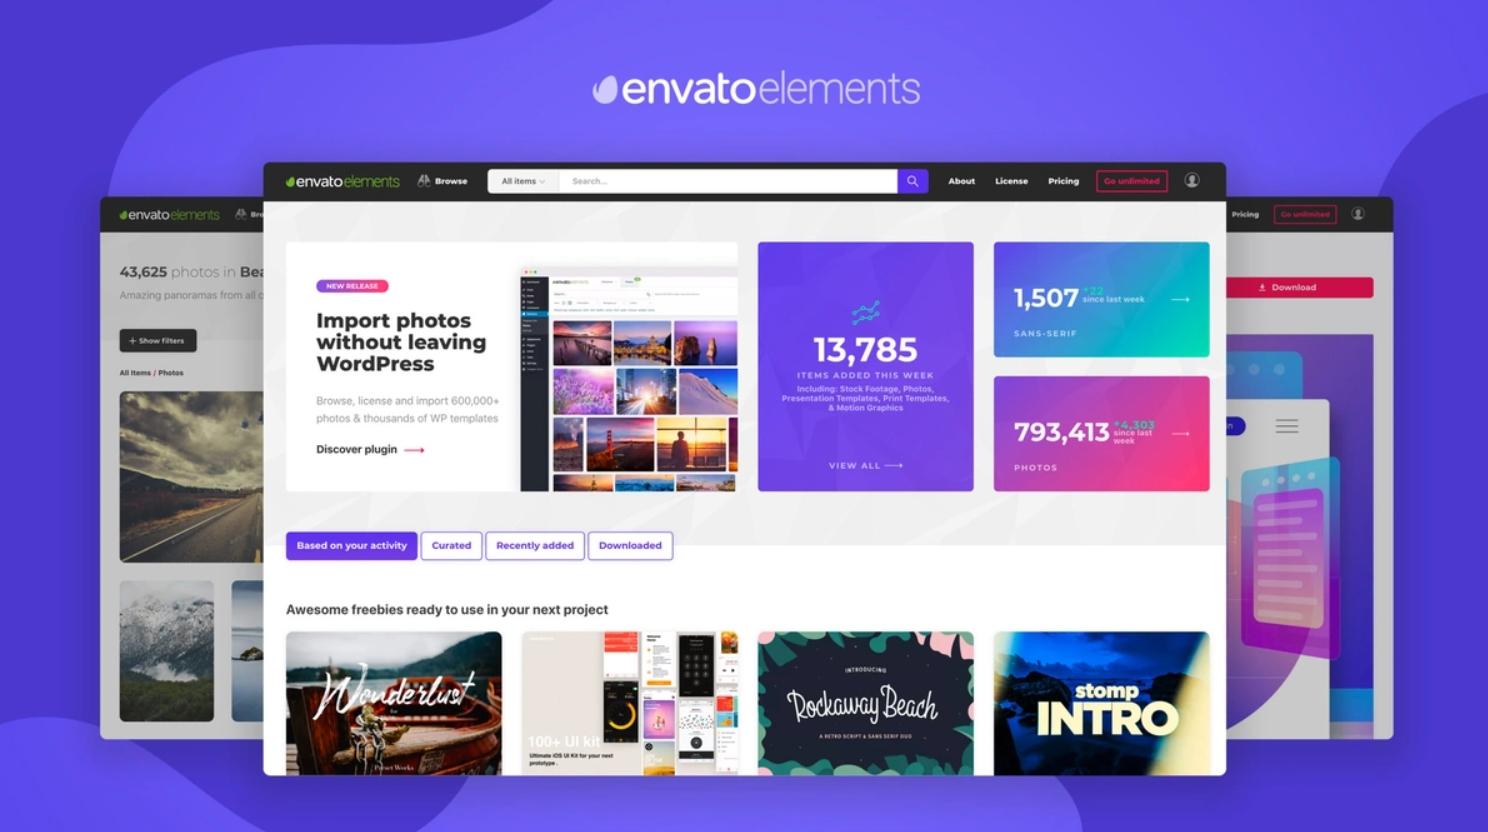 Download Gratisan Dari Envato